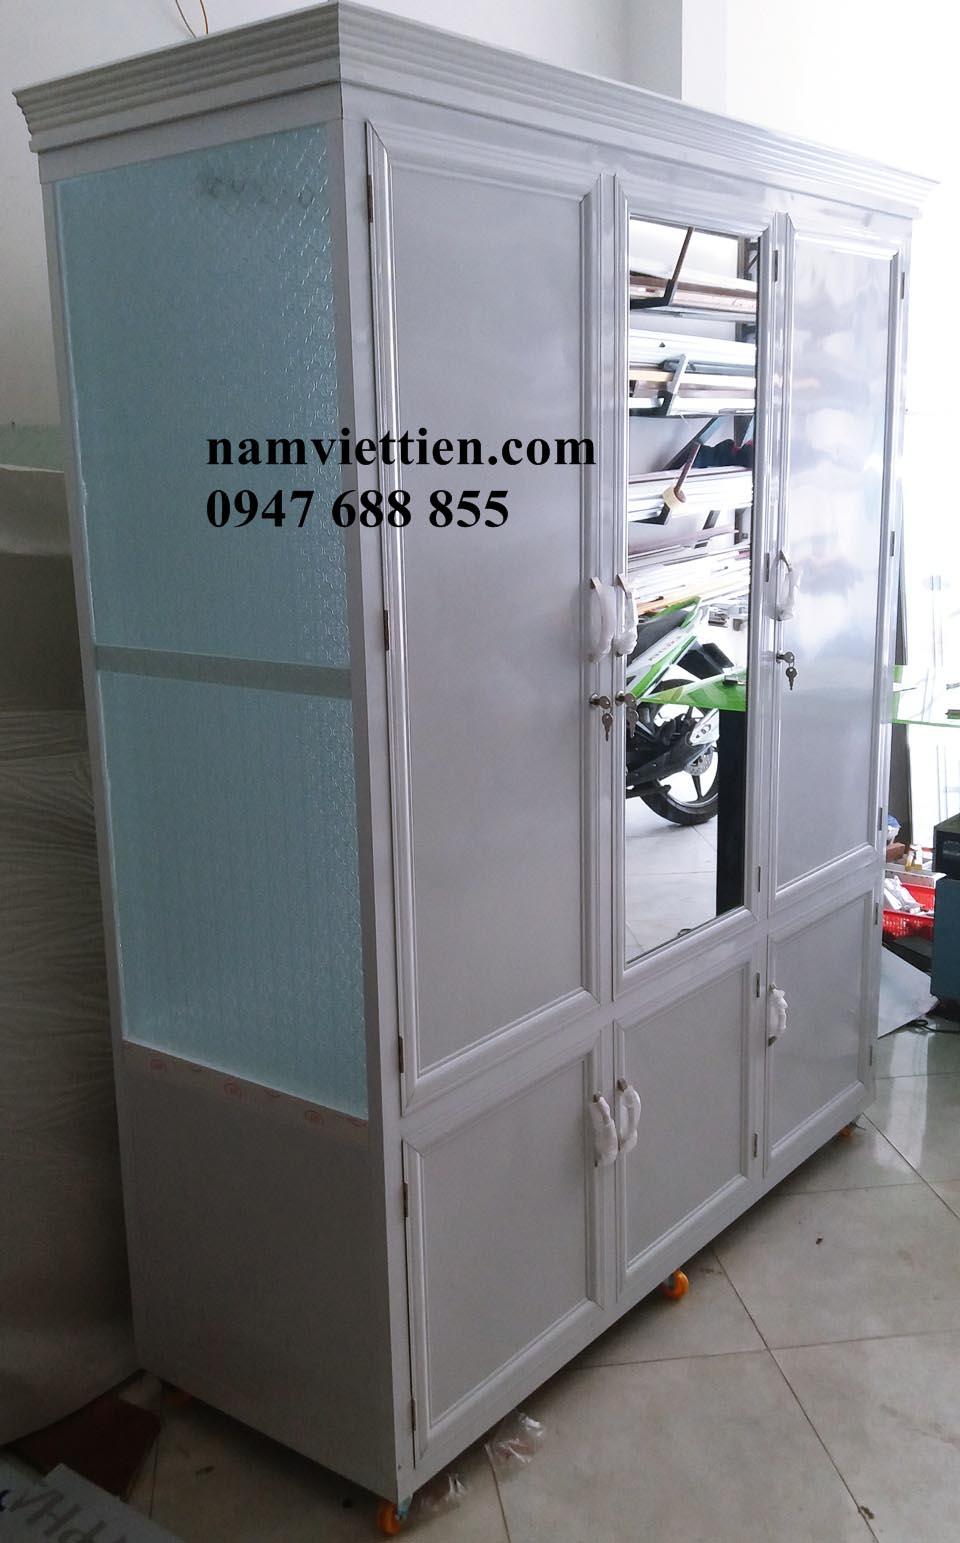 Tủ quần áo nhôm kính đẹp Nam Việt Tiến